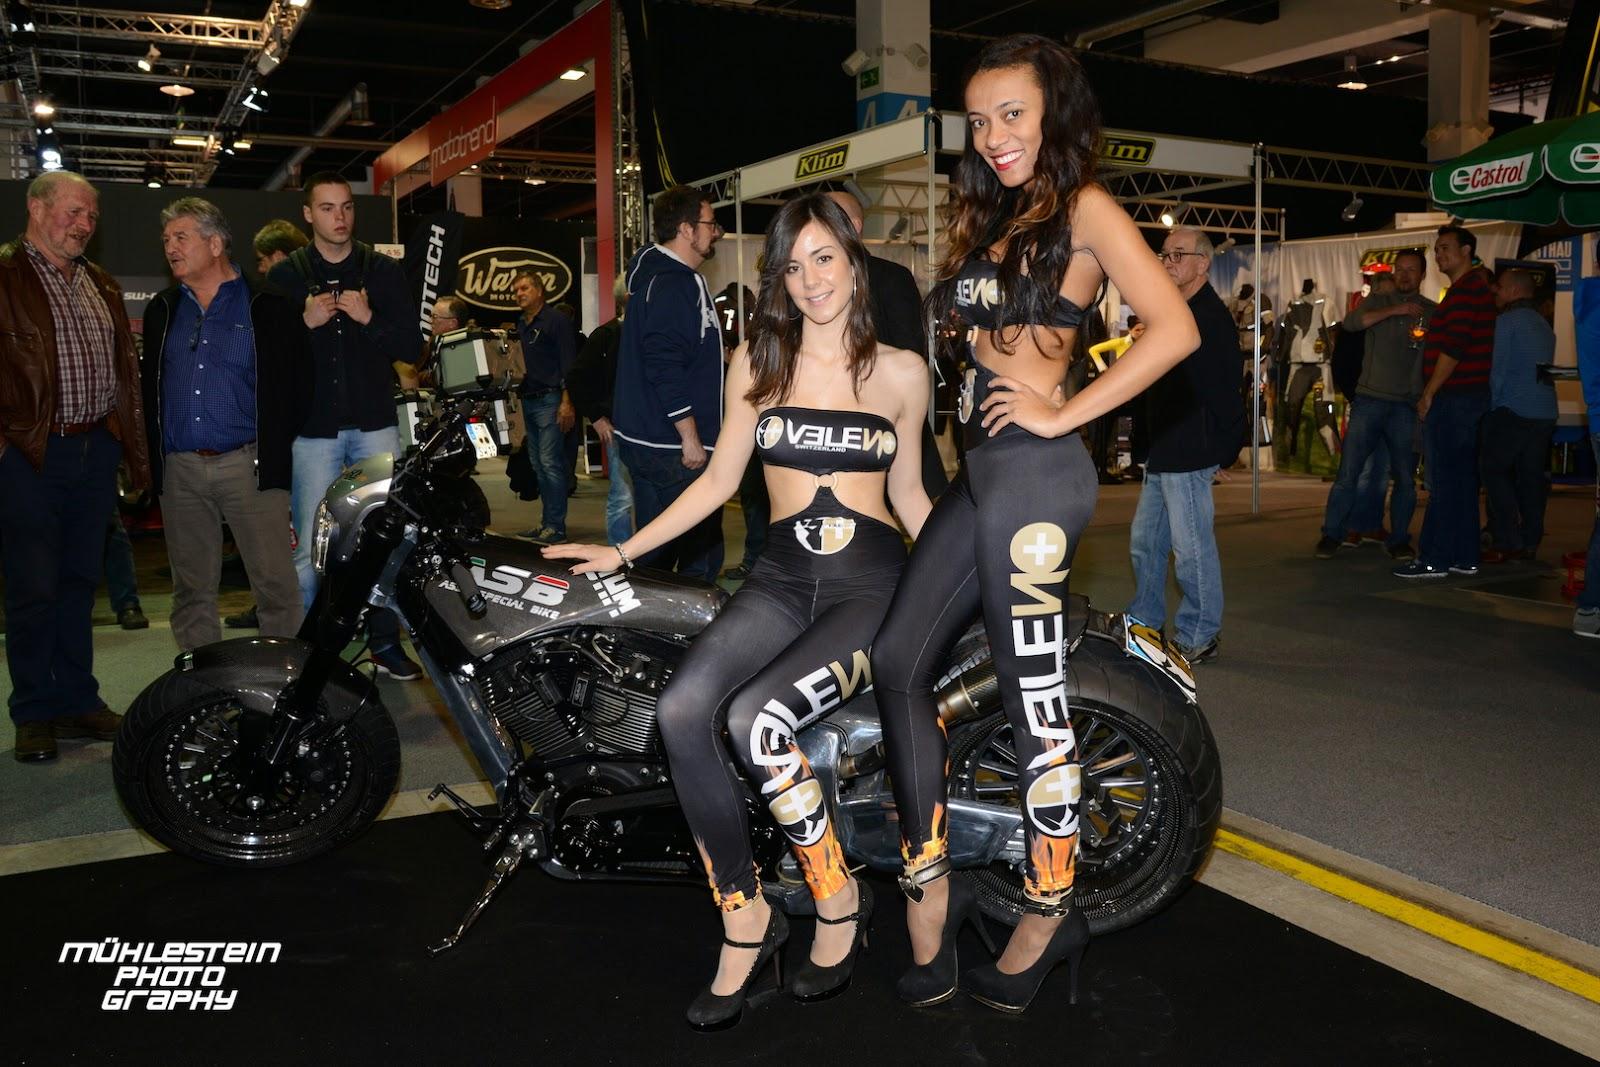 swiss moto 2015_swiss custom customizing tuning show_veleno girls_part 2 - Moto Tuning